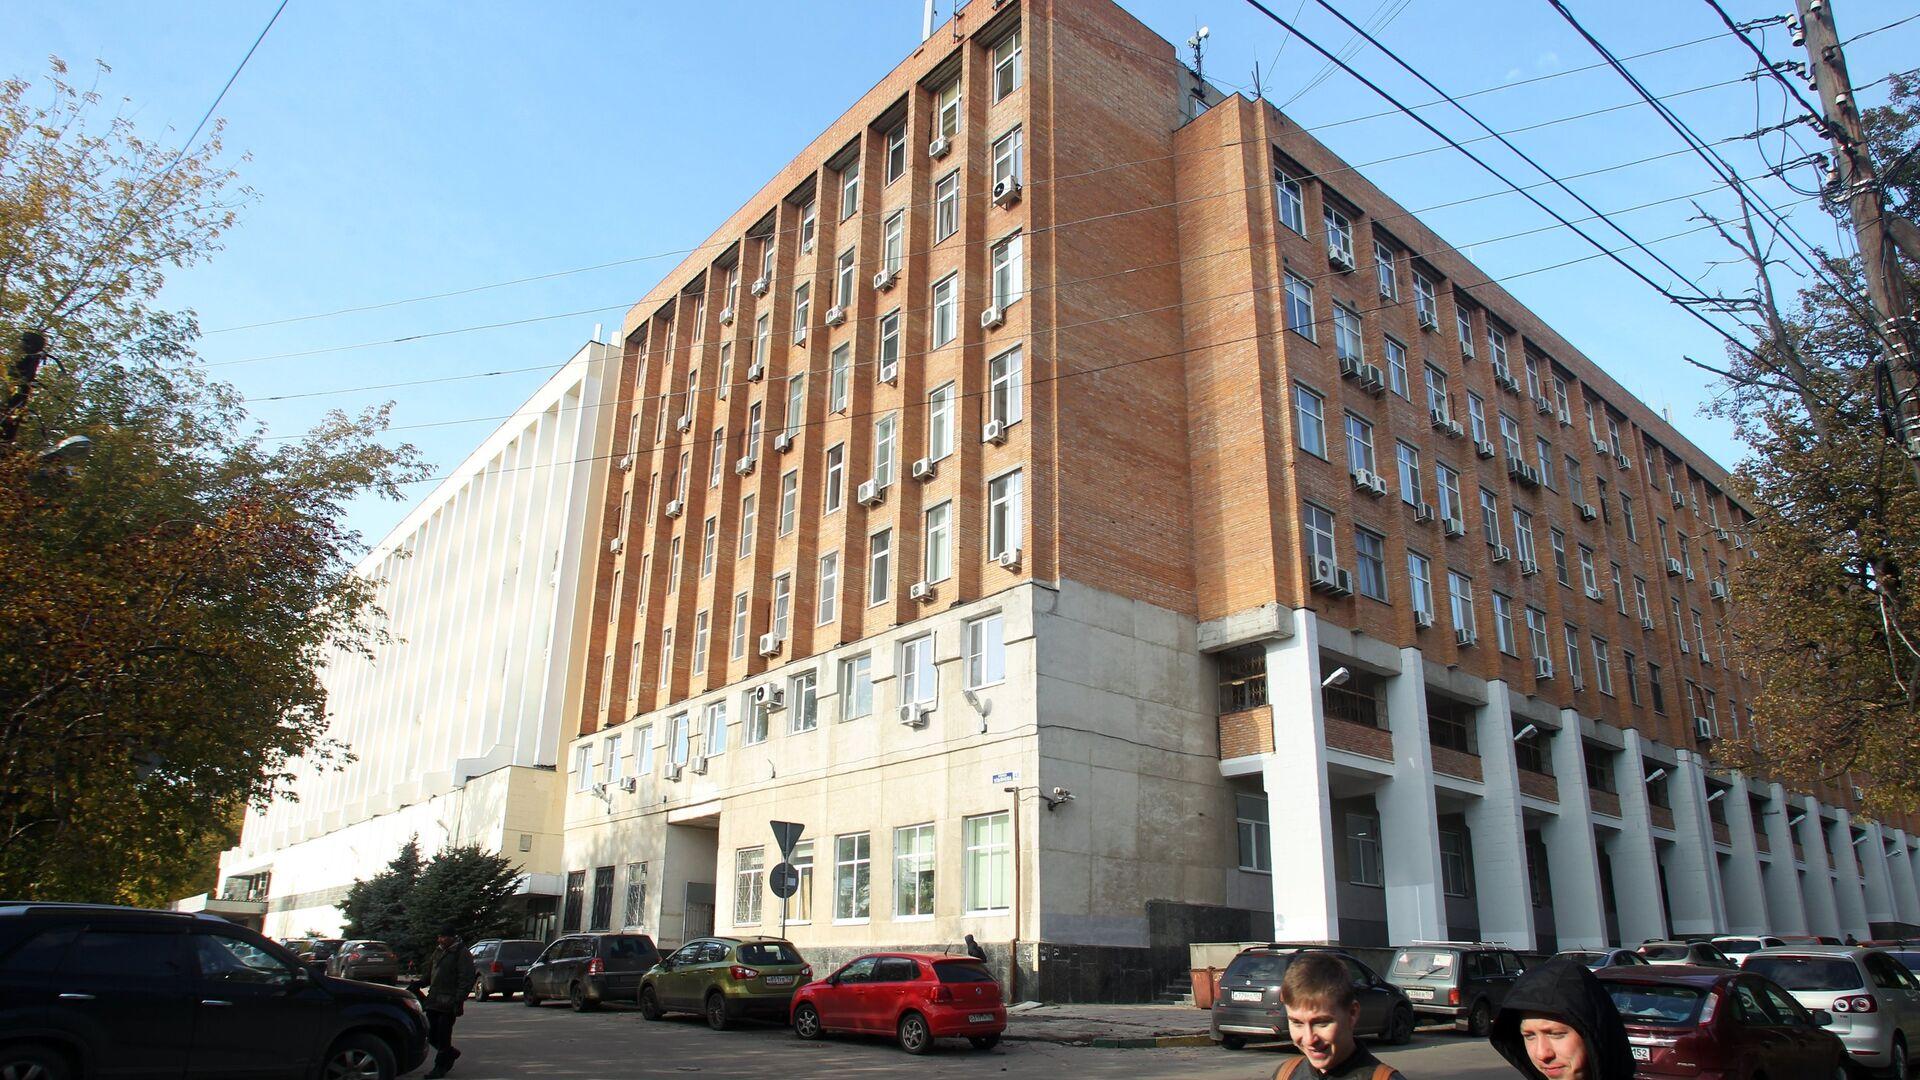 Институт прикладной физики РАН в Нижнем Новгороде - РИА Новости, 1920, 24.10.2020